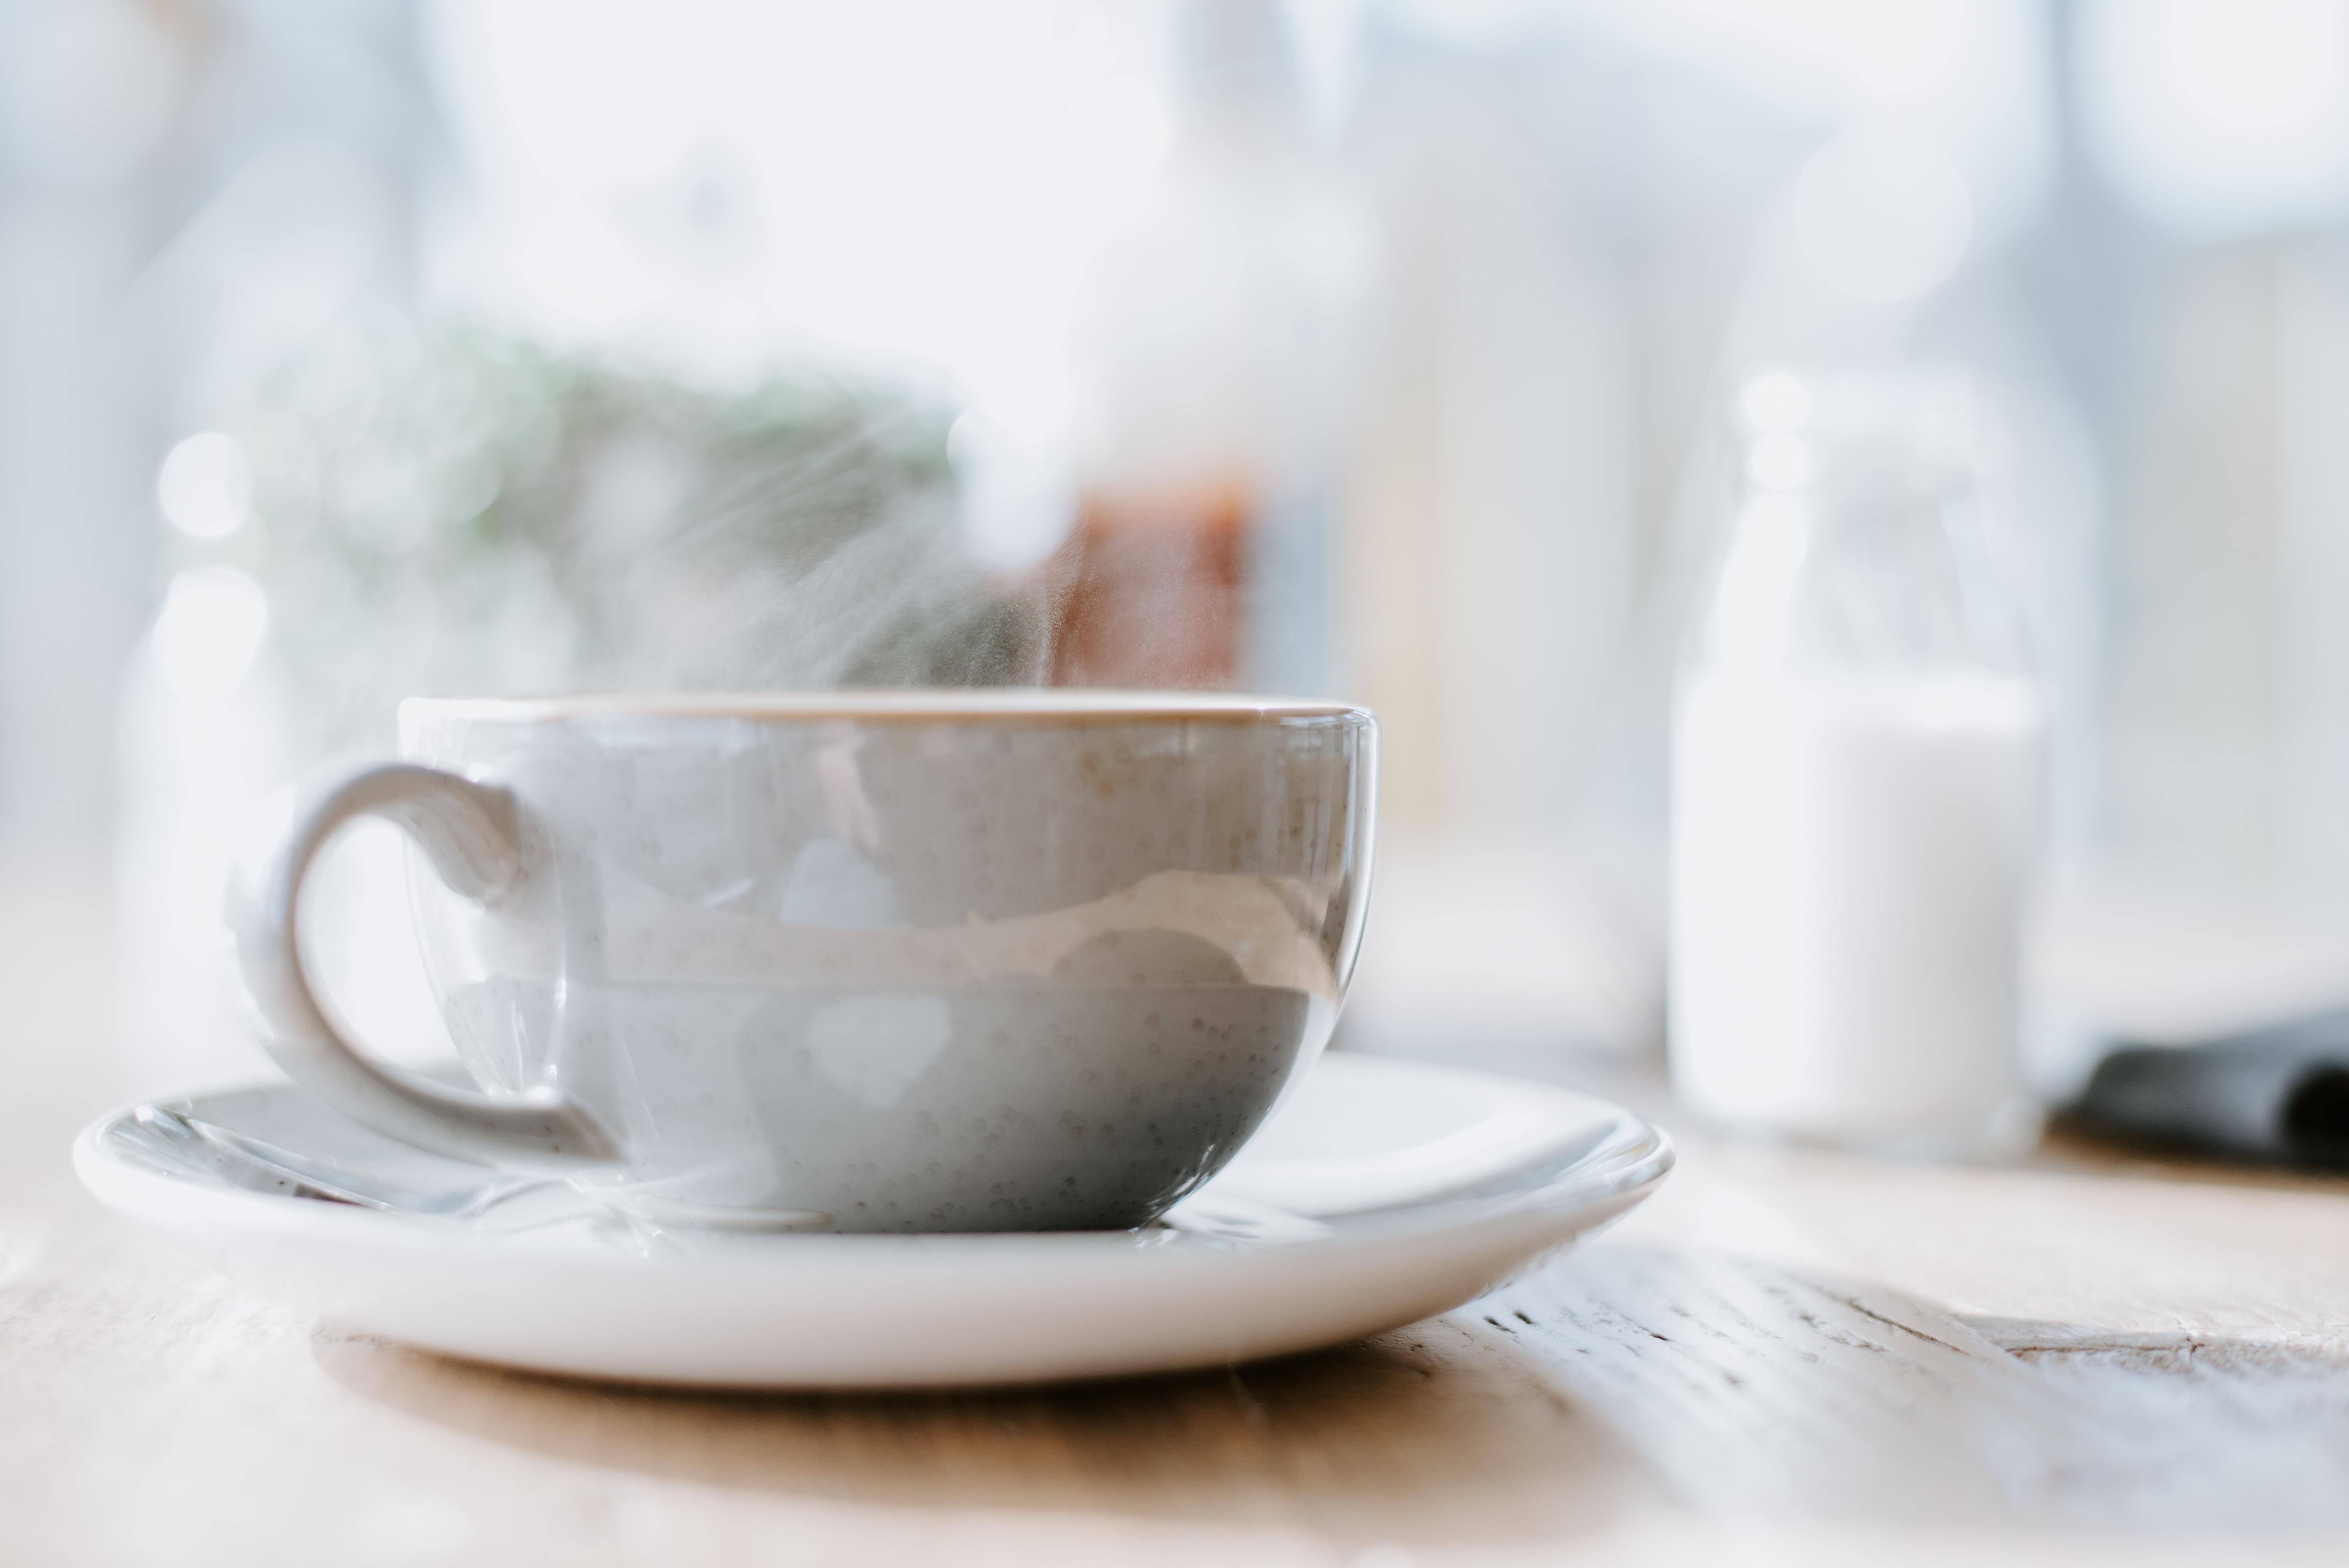 white ceramic teacup on round white saucer